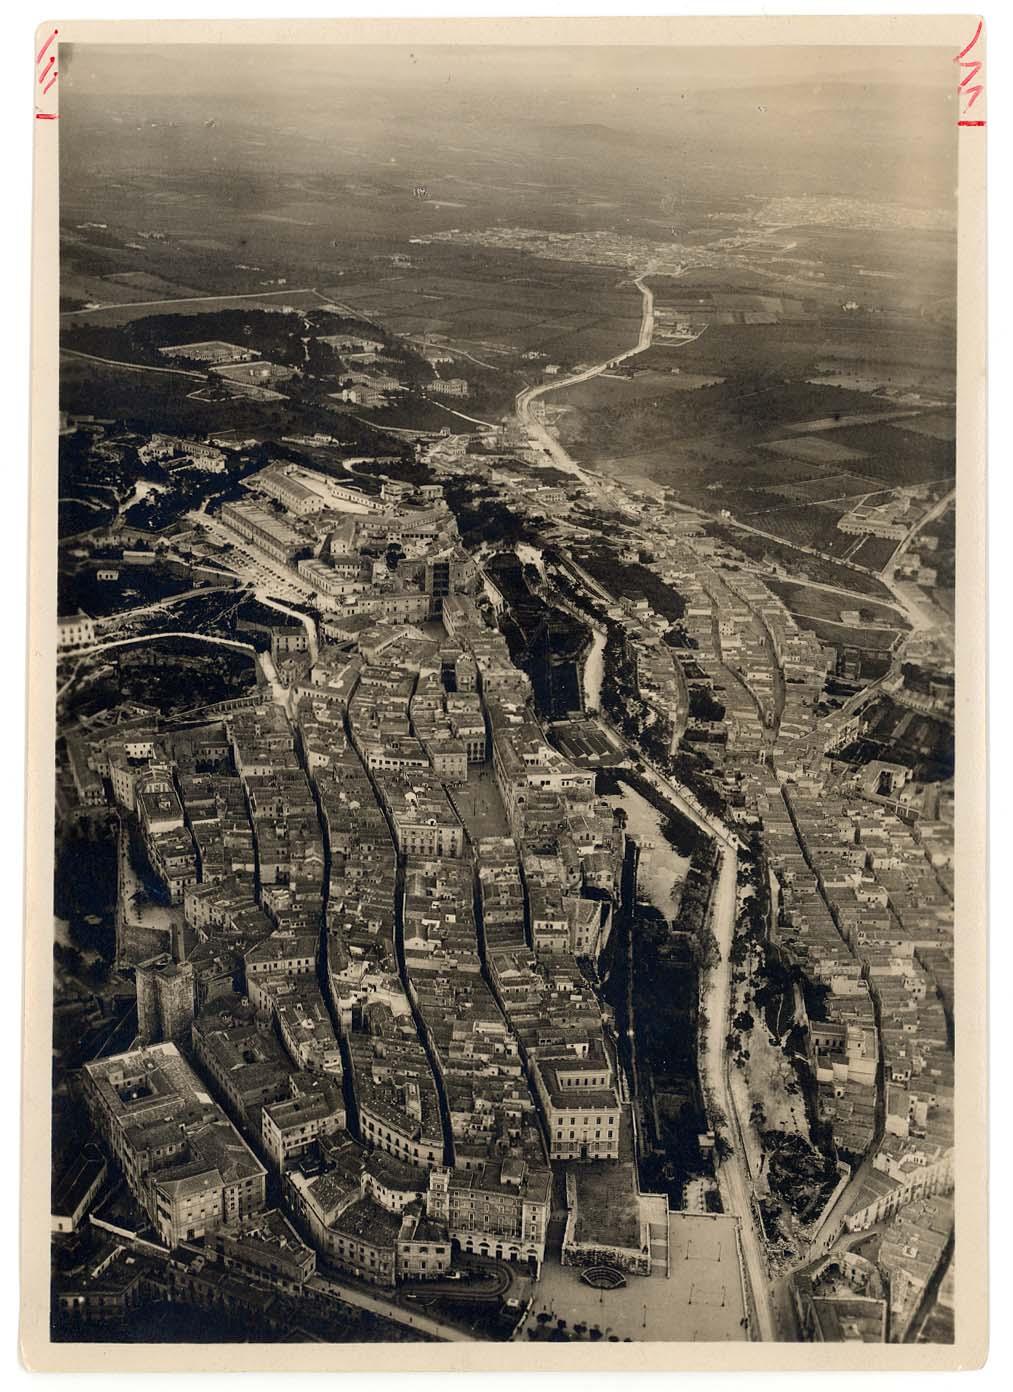 Archivio Comunale - 1921 - Topografia_jpg_foto 0030 4-13